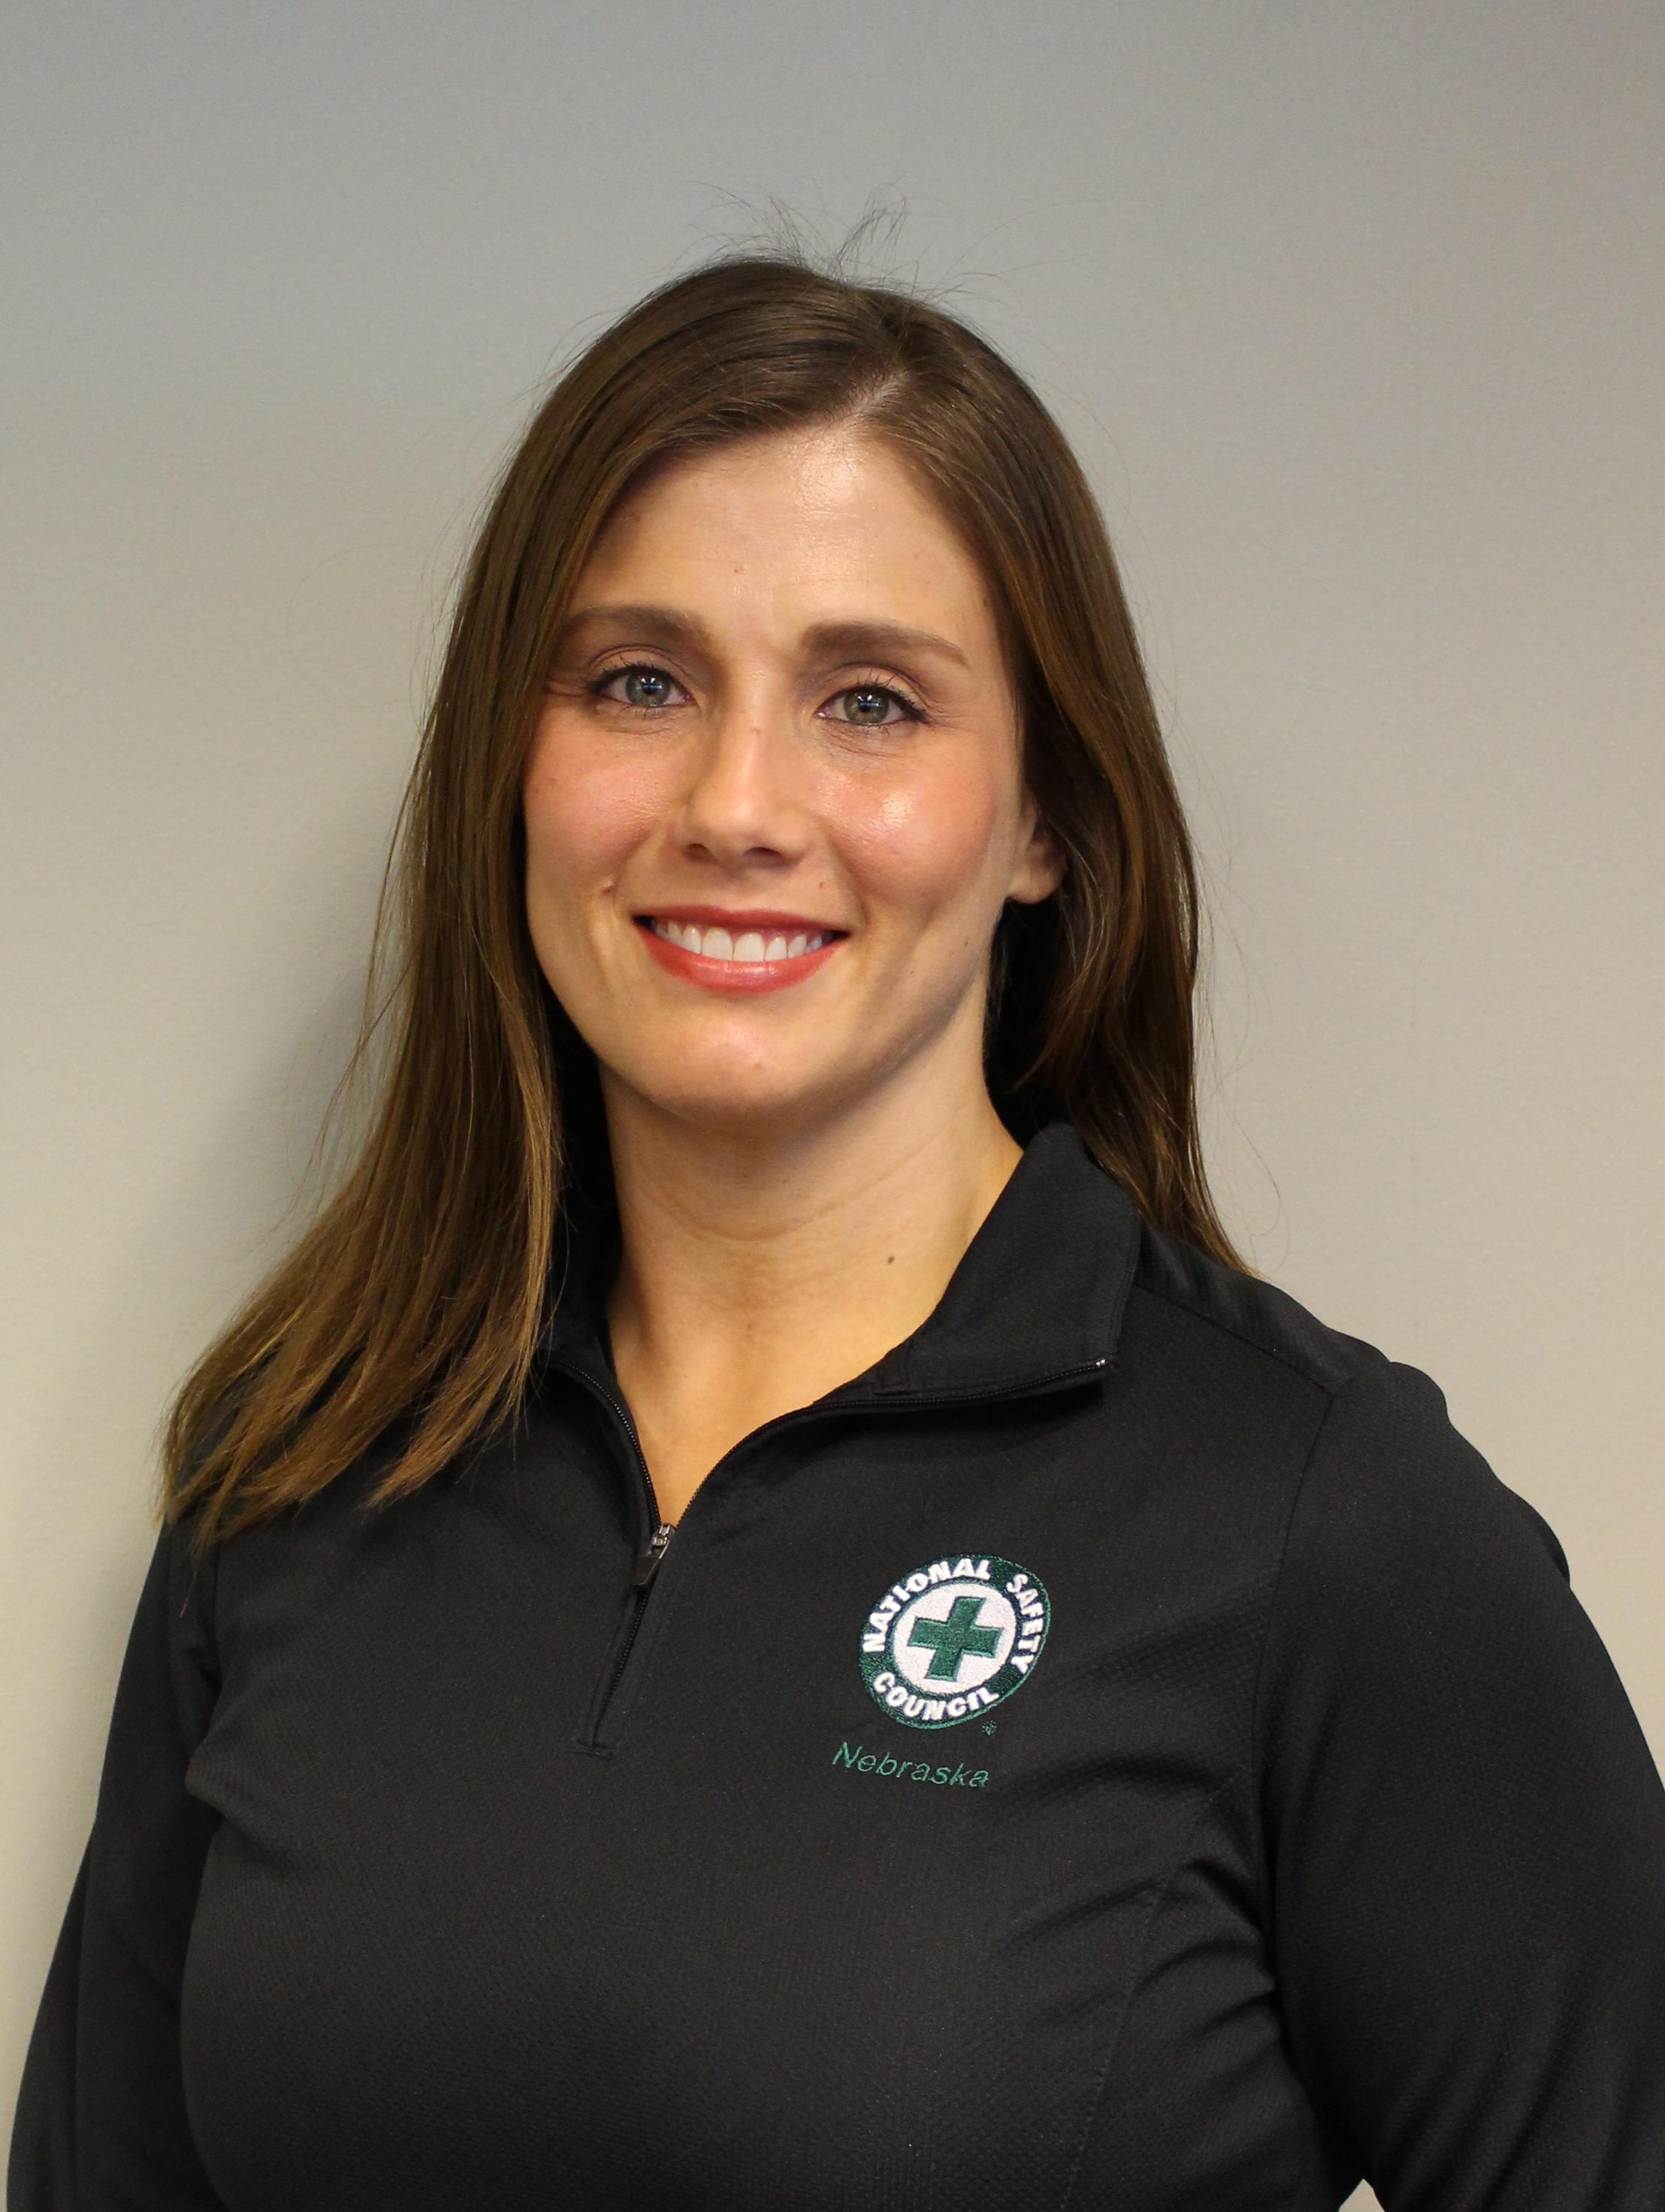 Shaley Kaufman